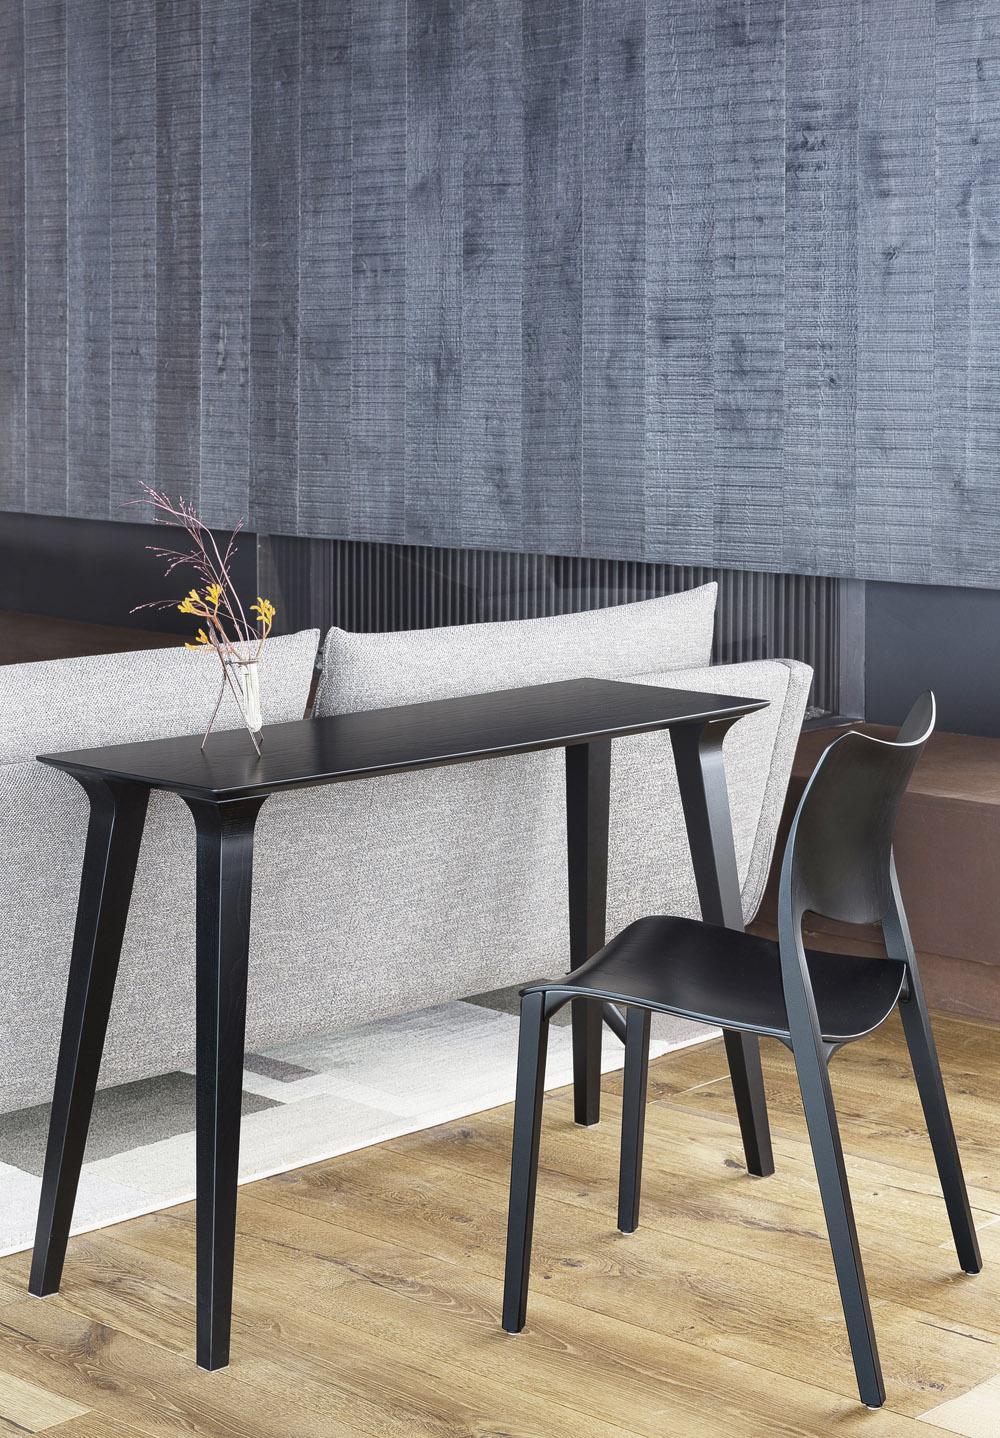 stua-akelarre-restaurant-004